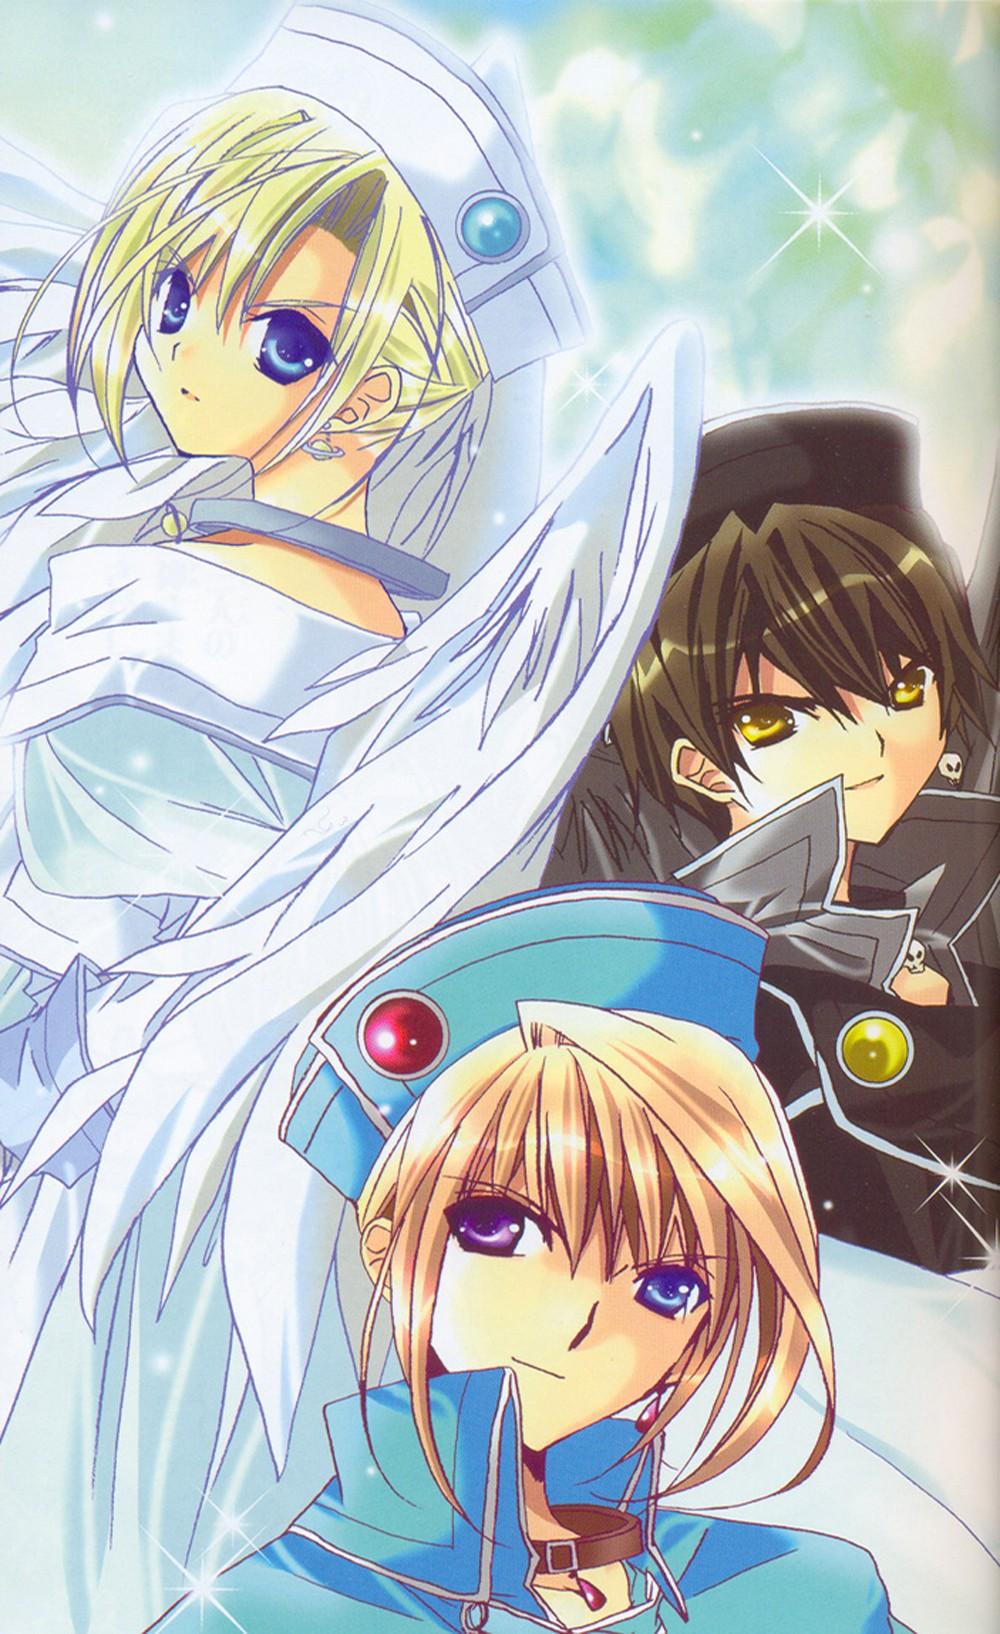 kujyou kazune kamichama karin zerochan anime image board